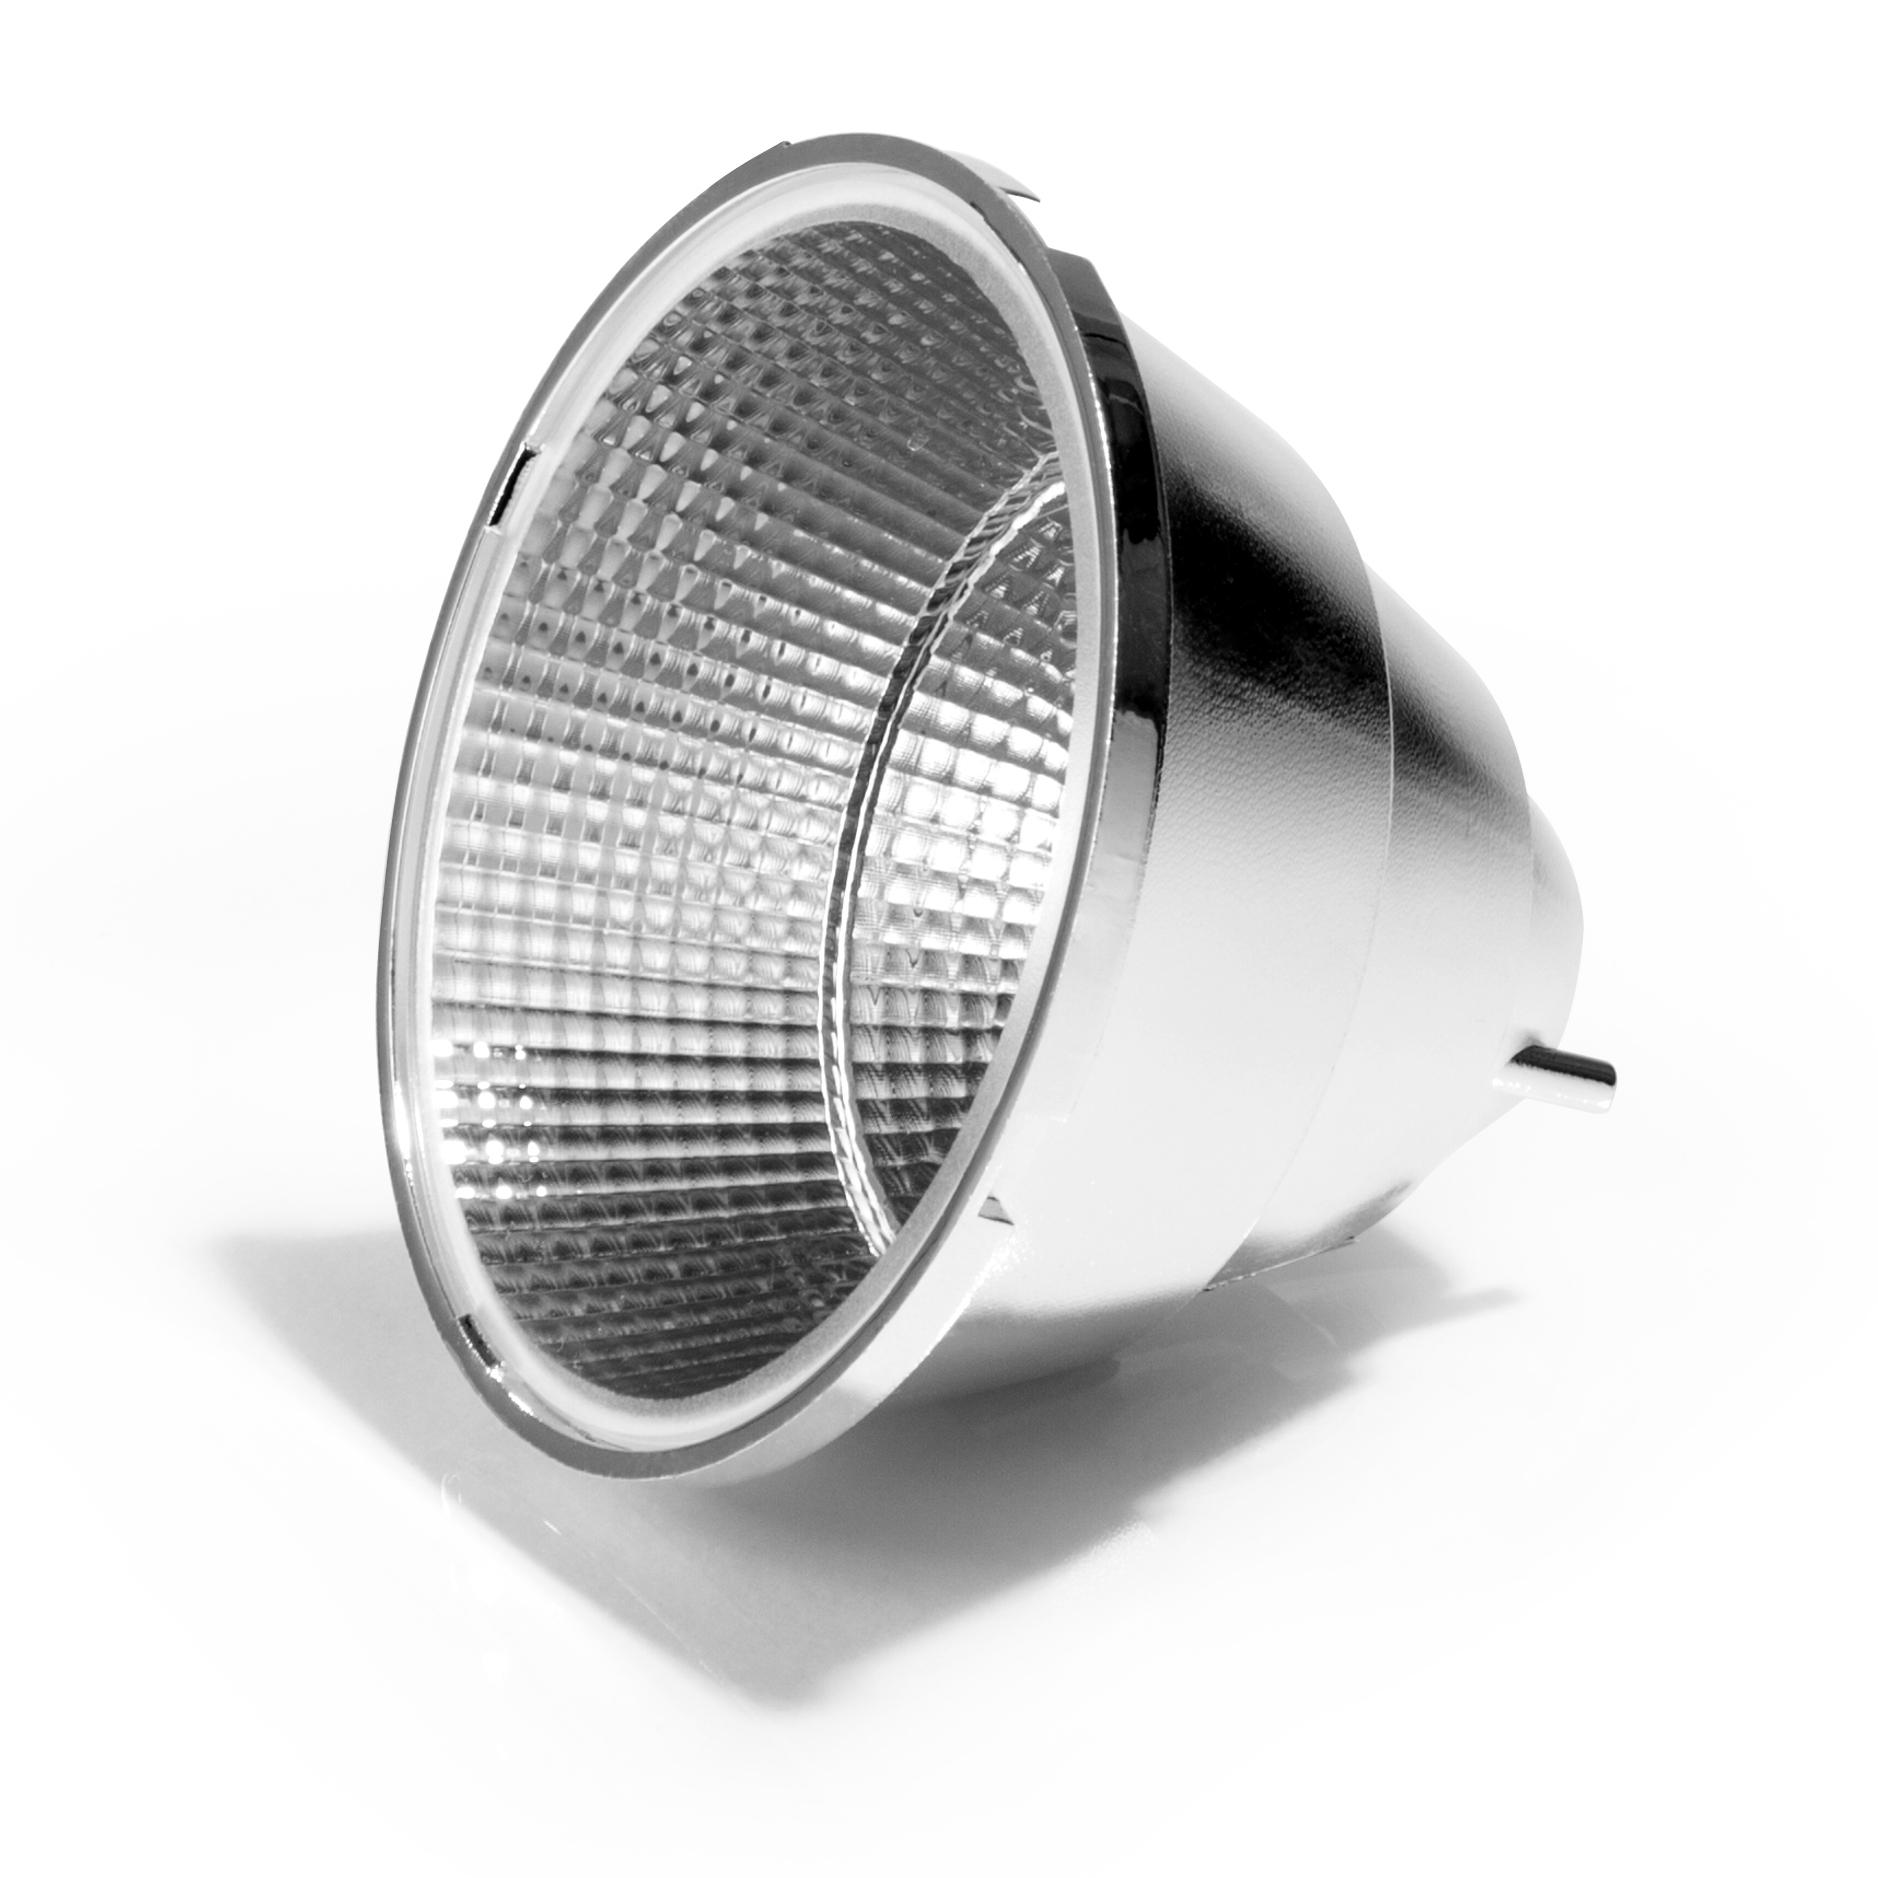 Spot Reflector 20 Deg For Verbatim Led Premium Track Light 15w